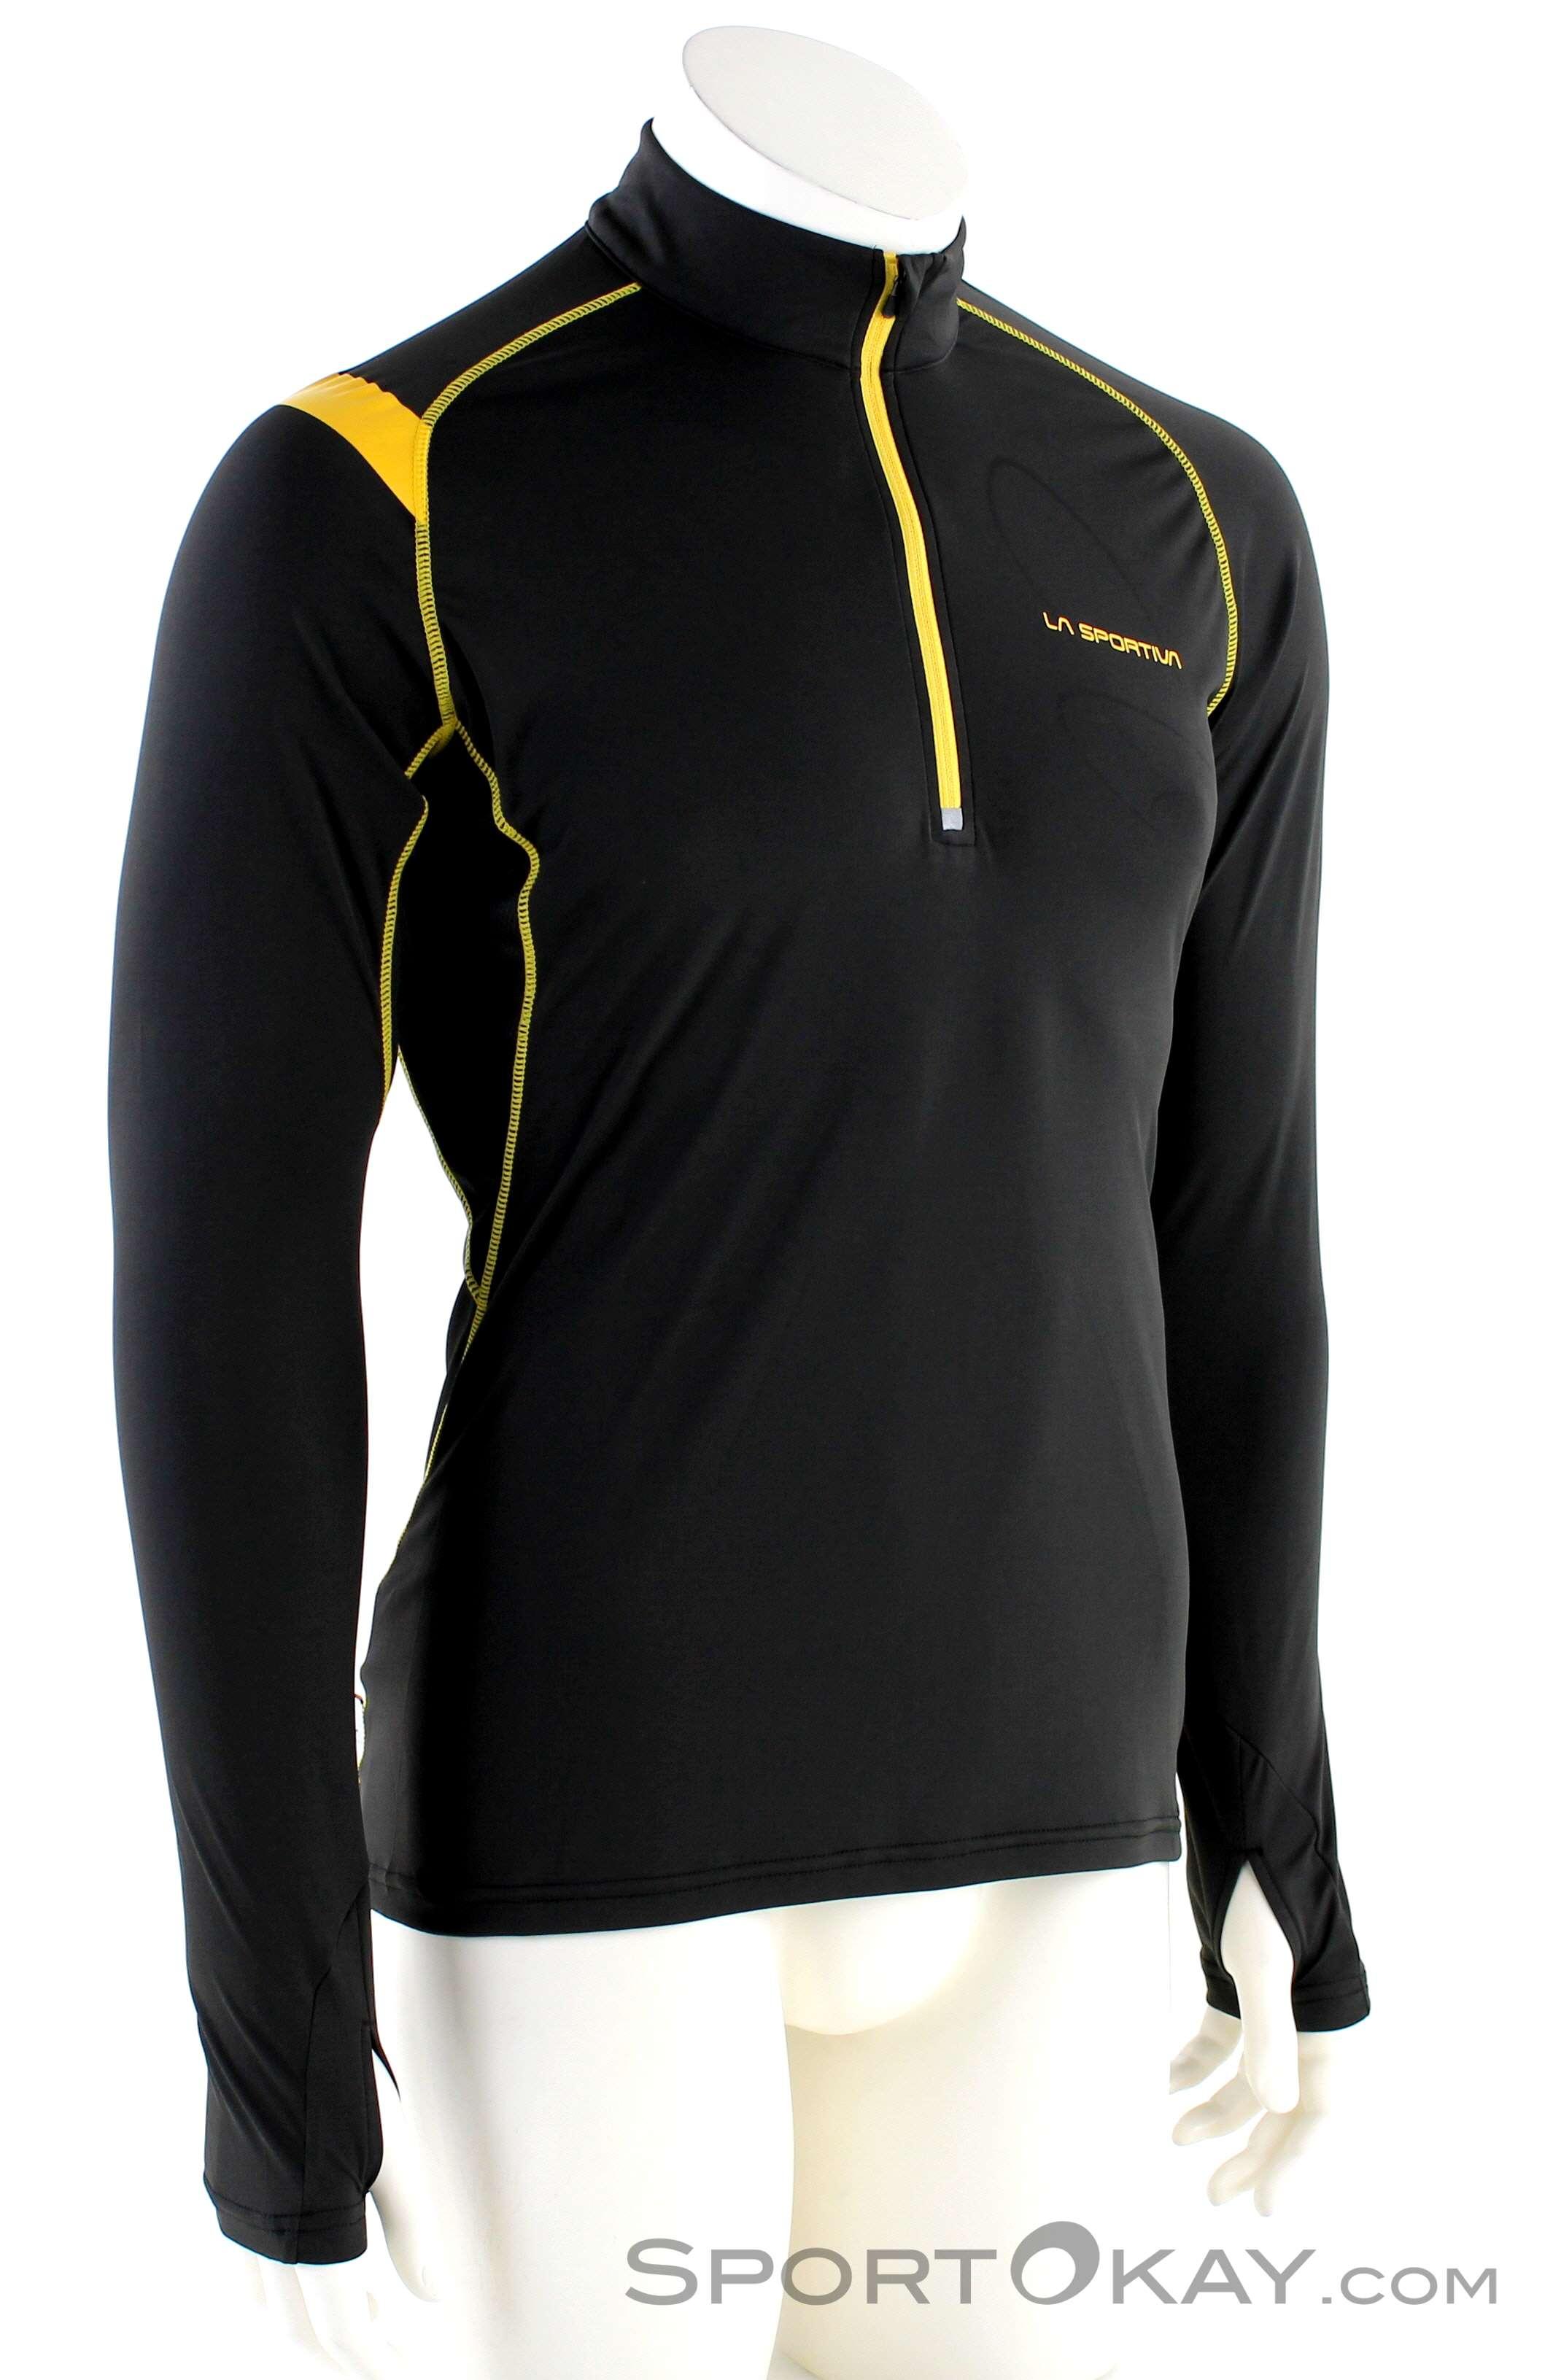 La Sportiva Action Long Sleeve Herren Shirt-Schwarz-L